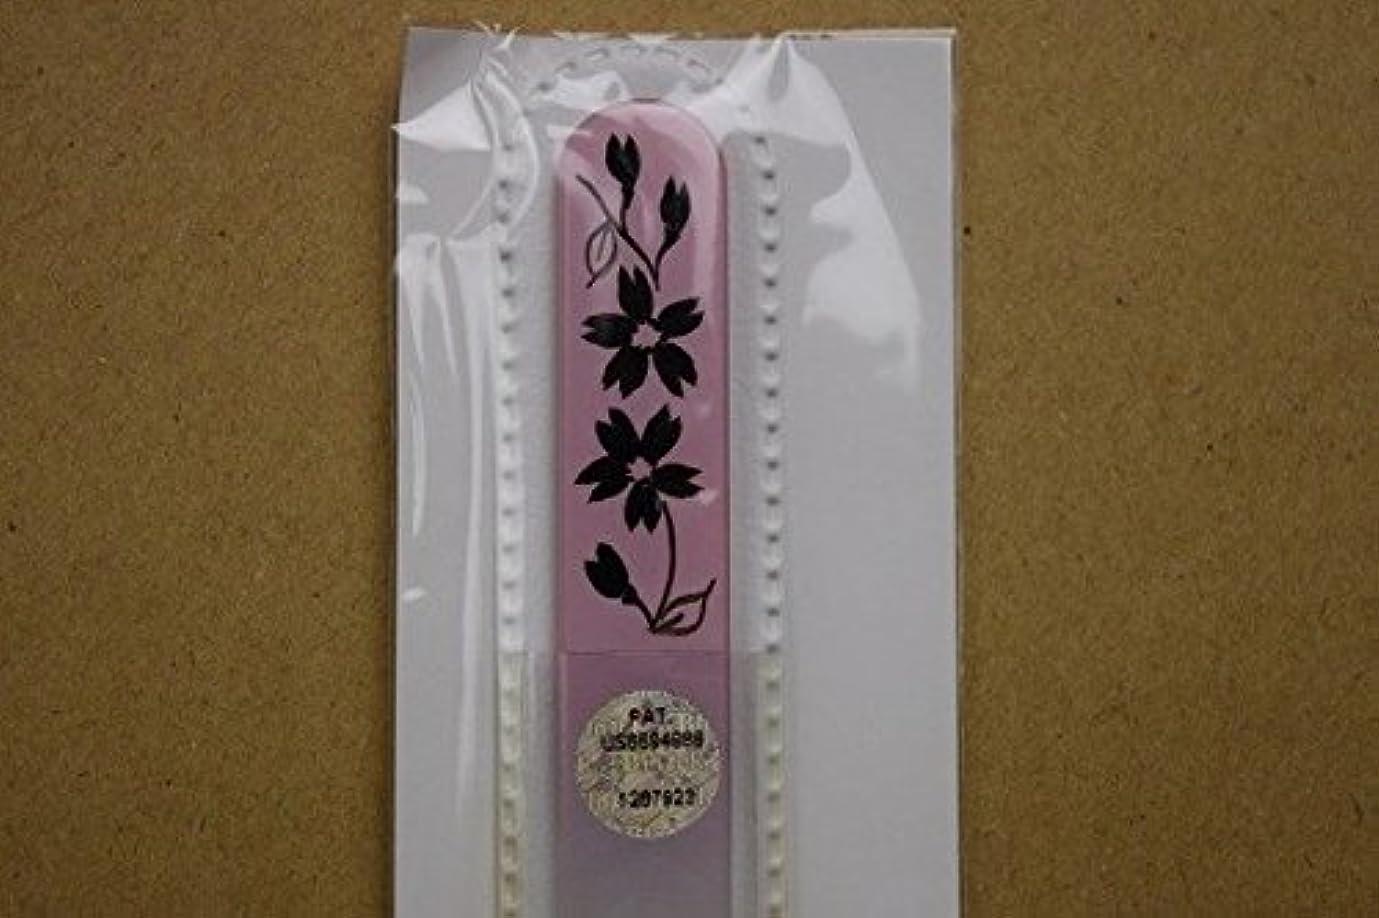 ドリンク信条腐敗【ブラジェク】ガラス爪やすり ハンドペインティング (#503P) 黒色の花(本体が、一部ピンク色)